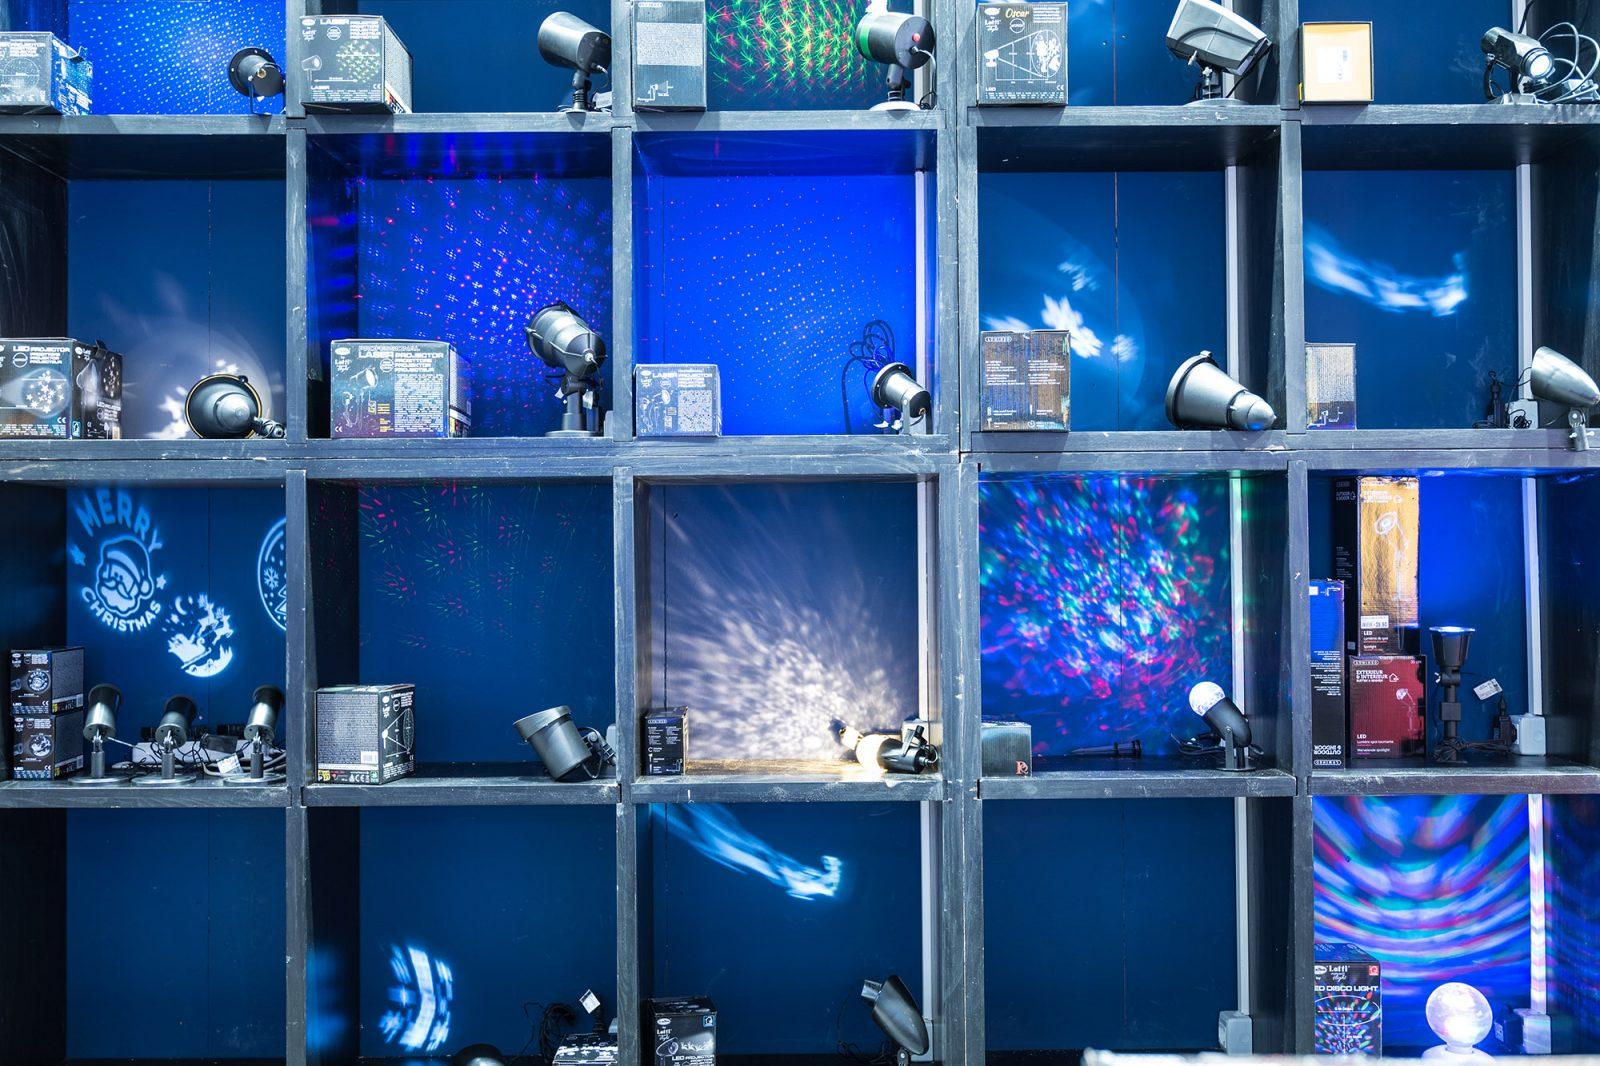 Crea la tua atmosfera con i proiettori di luci natalizie for Crea la tua casa online